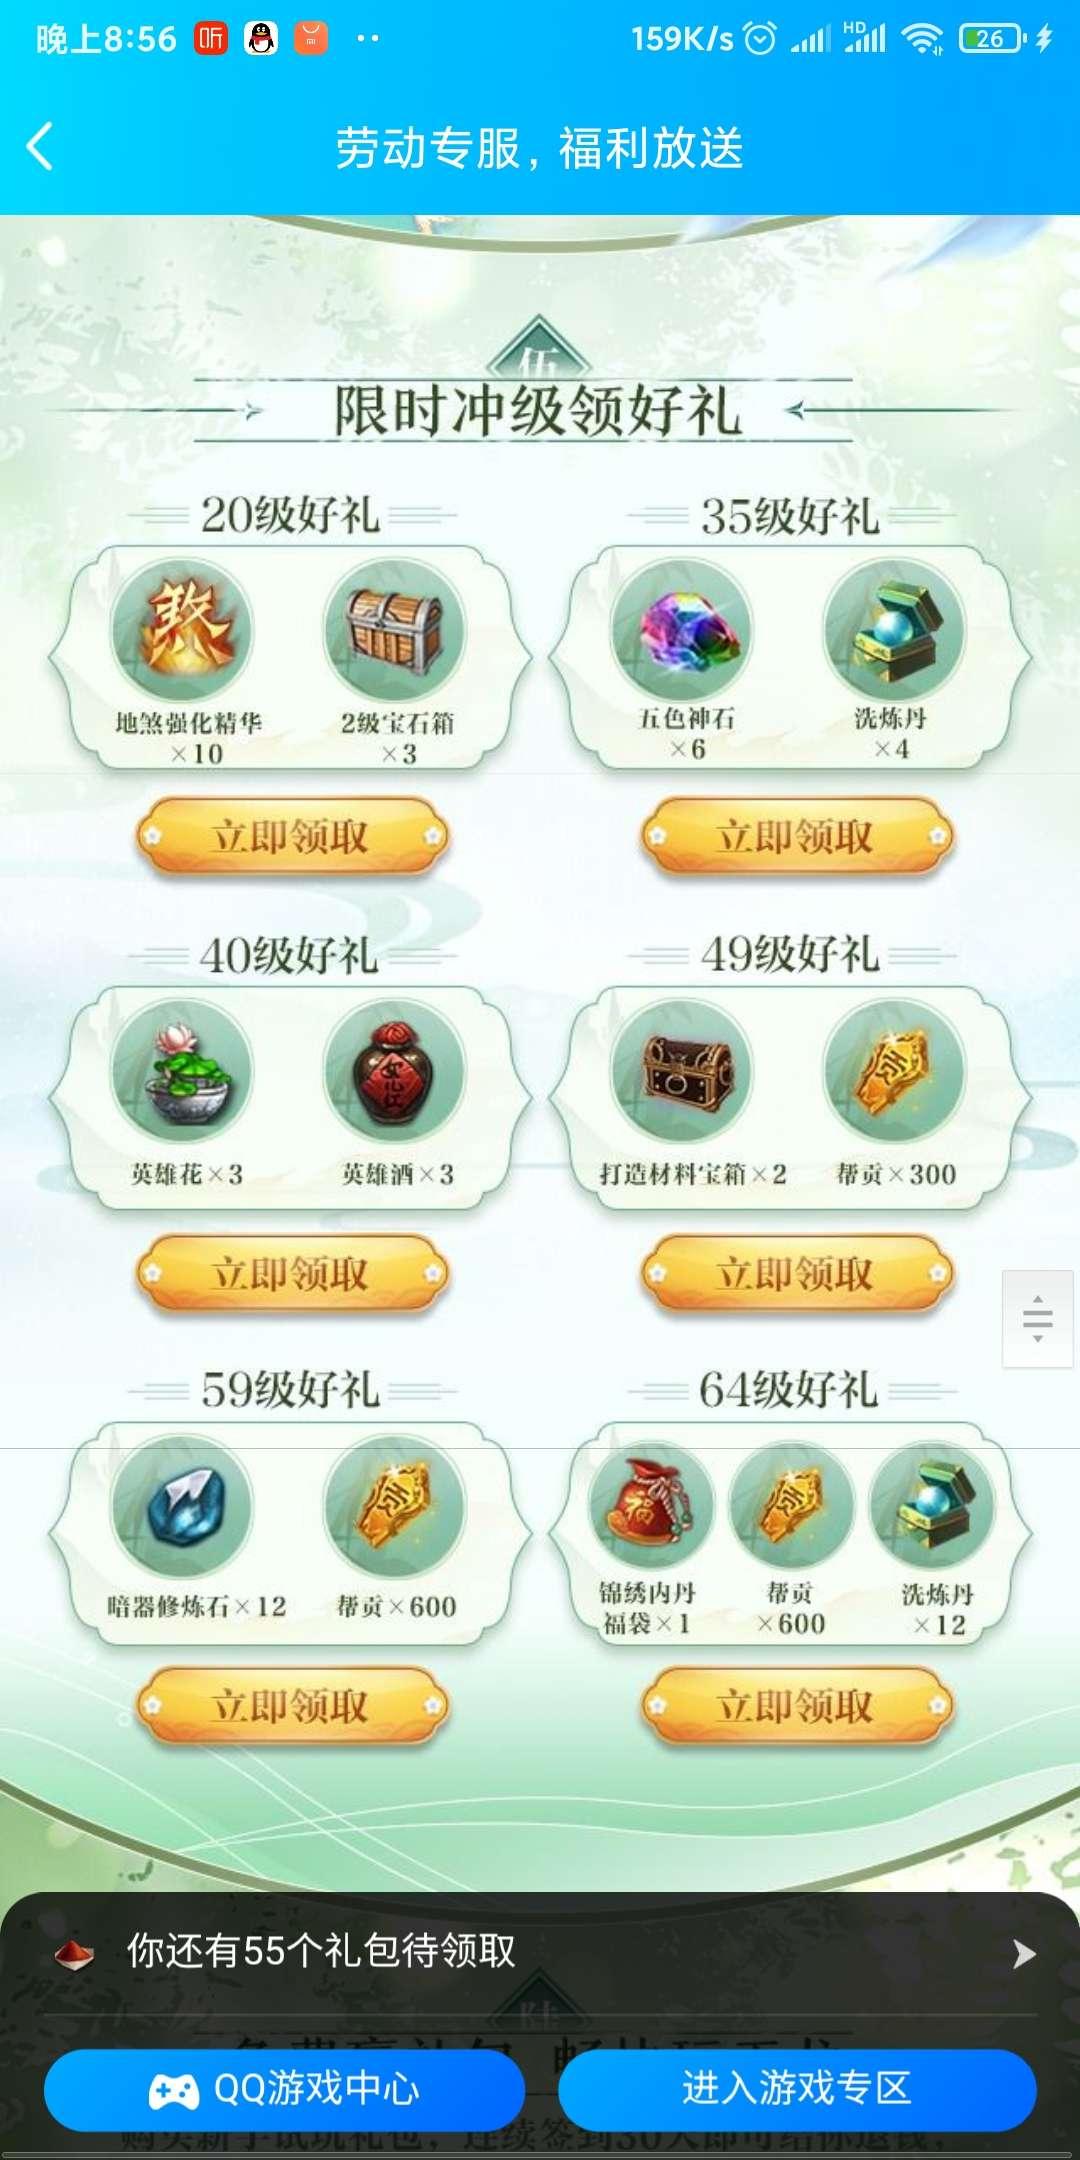 天龙八部注册抽QQ币